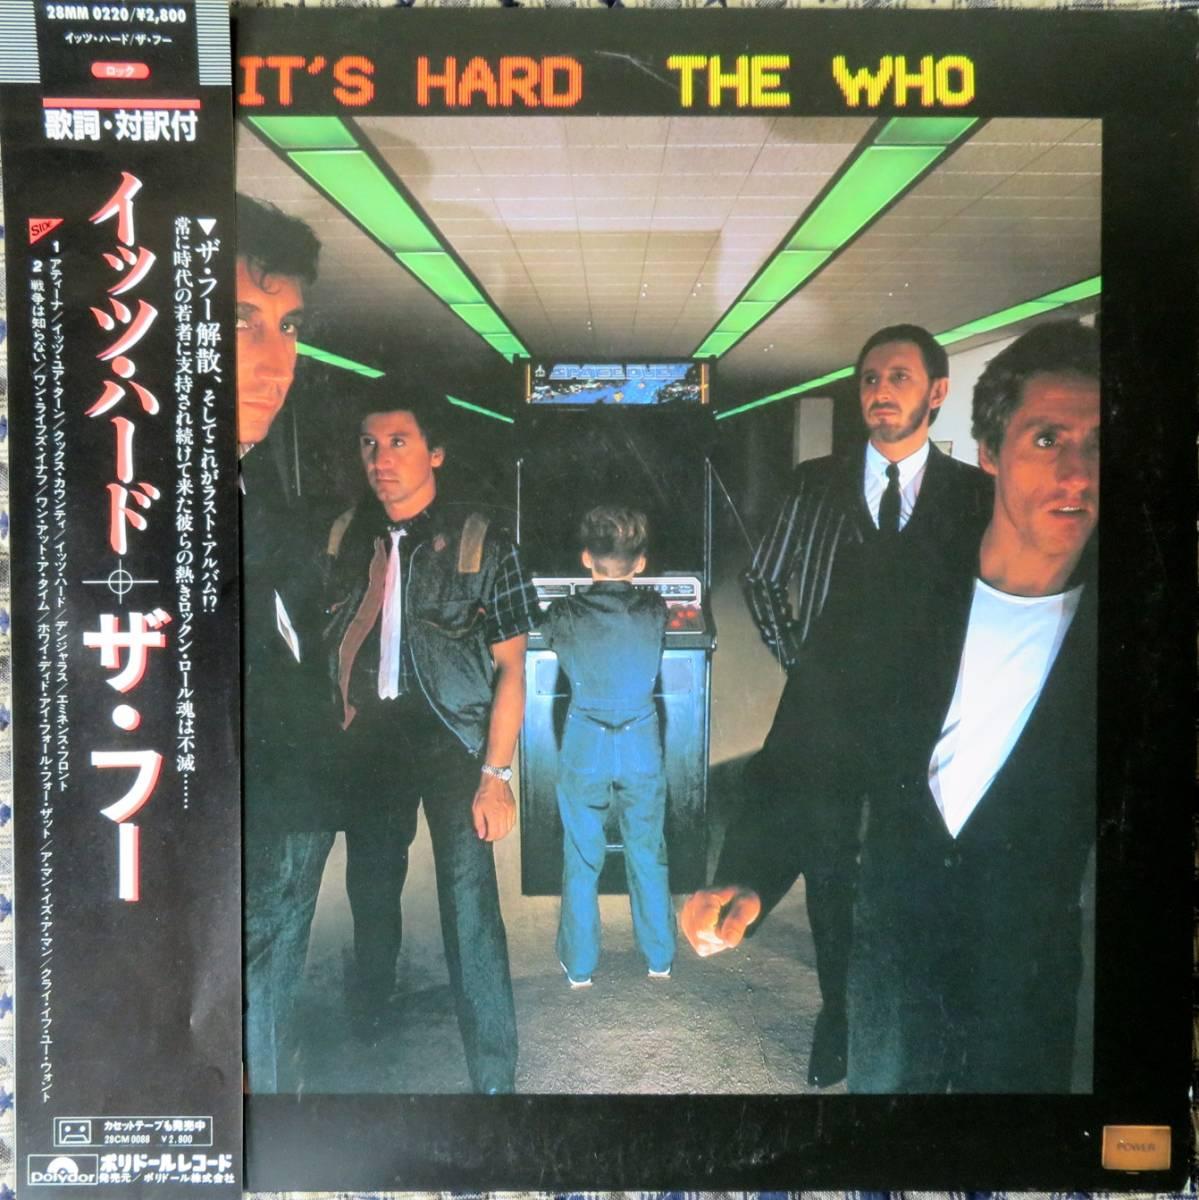 【LP】ザ・フー THE WHO /イッツ・ハード ( IT'S HARD) 帯付